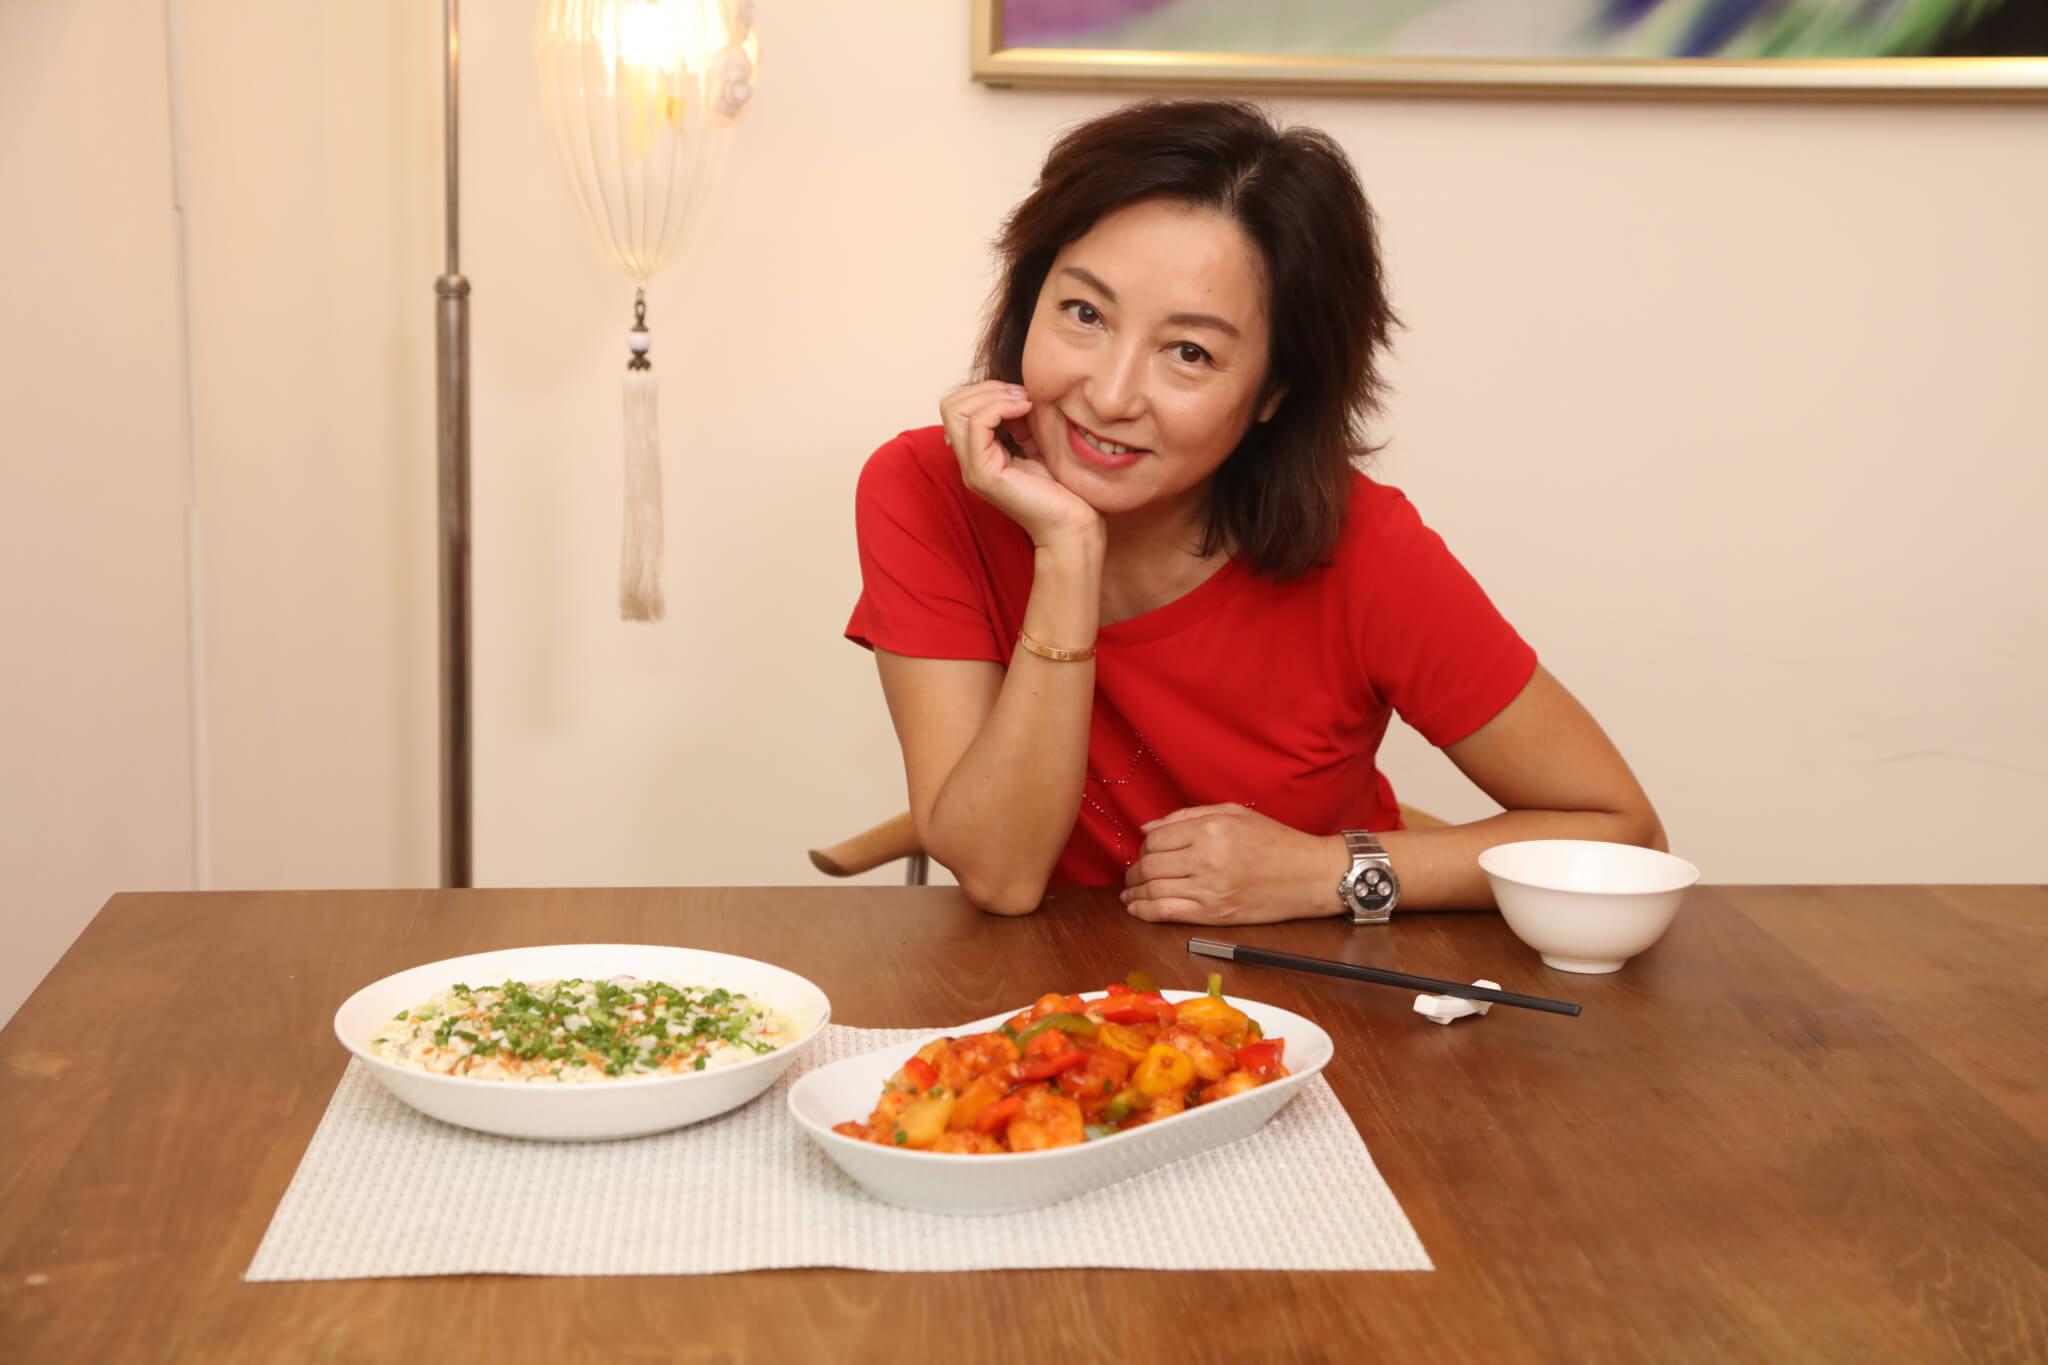 兩餸再煲一個靚湯,黎明詩每天的晚餐就是清淡簡單。